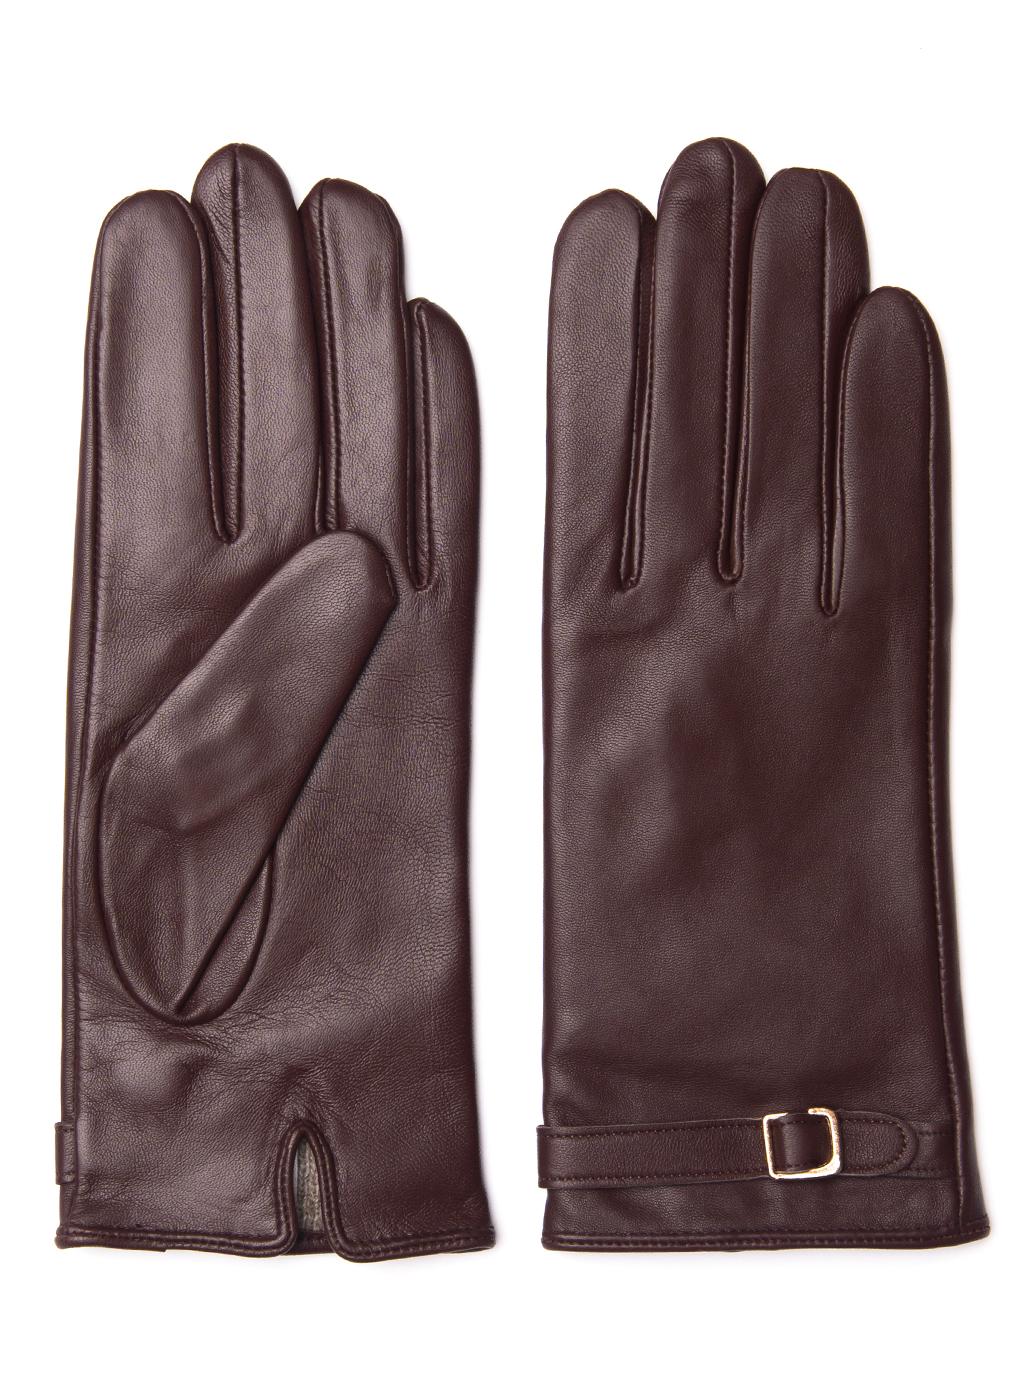 Перчатки кожаные женские 07, Hannelore фото